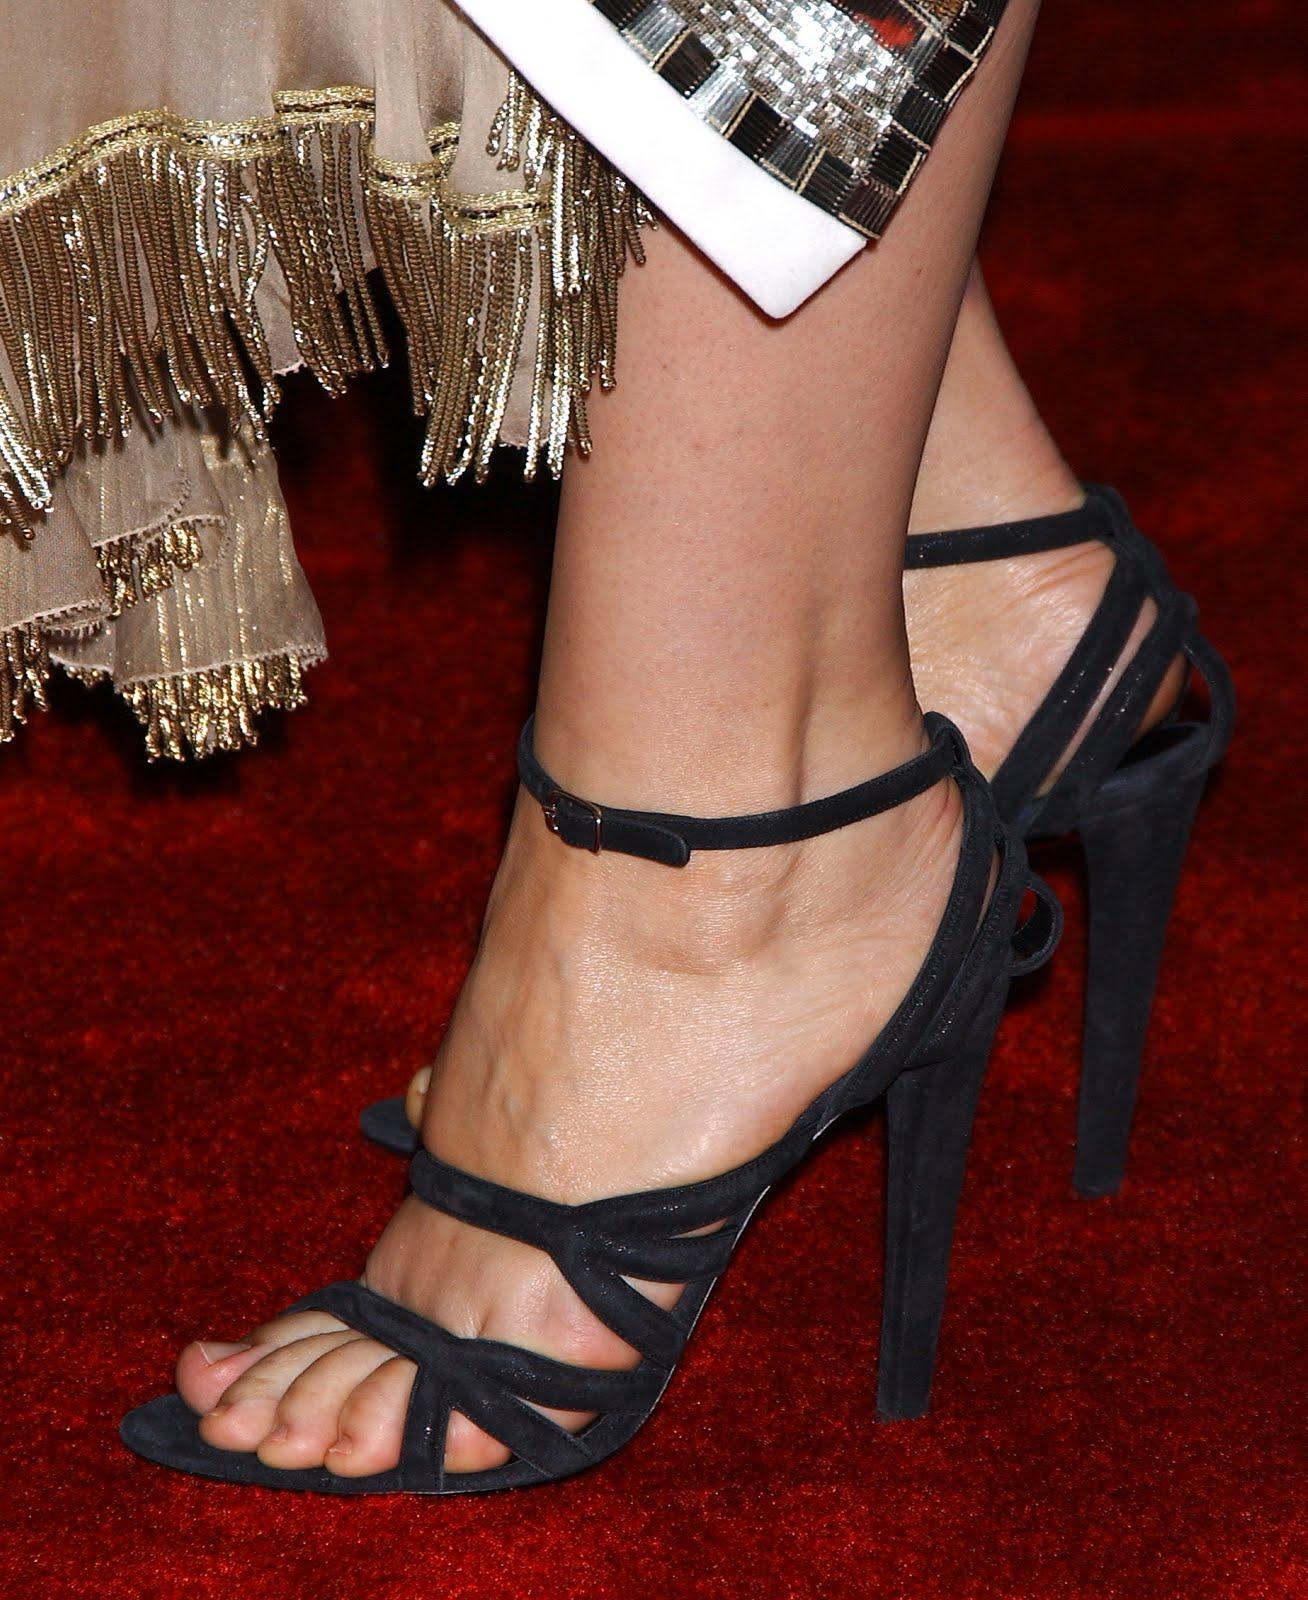 http://3.bp.blogspot.com/_UaLWp72nij4/S-NLflzr3mI/AAAAAAAAKCg/-DMDxTHCORM/s1600/juliette-binoche-feet-5.jpg